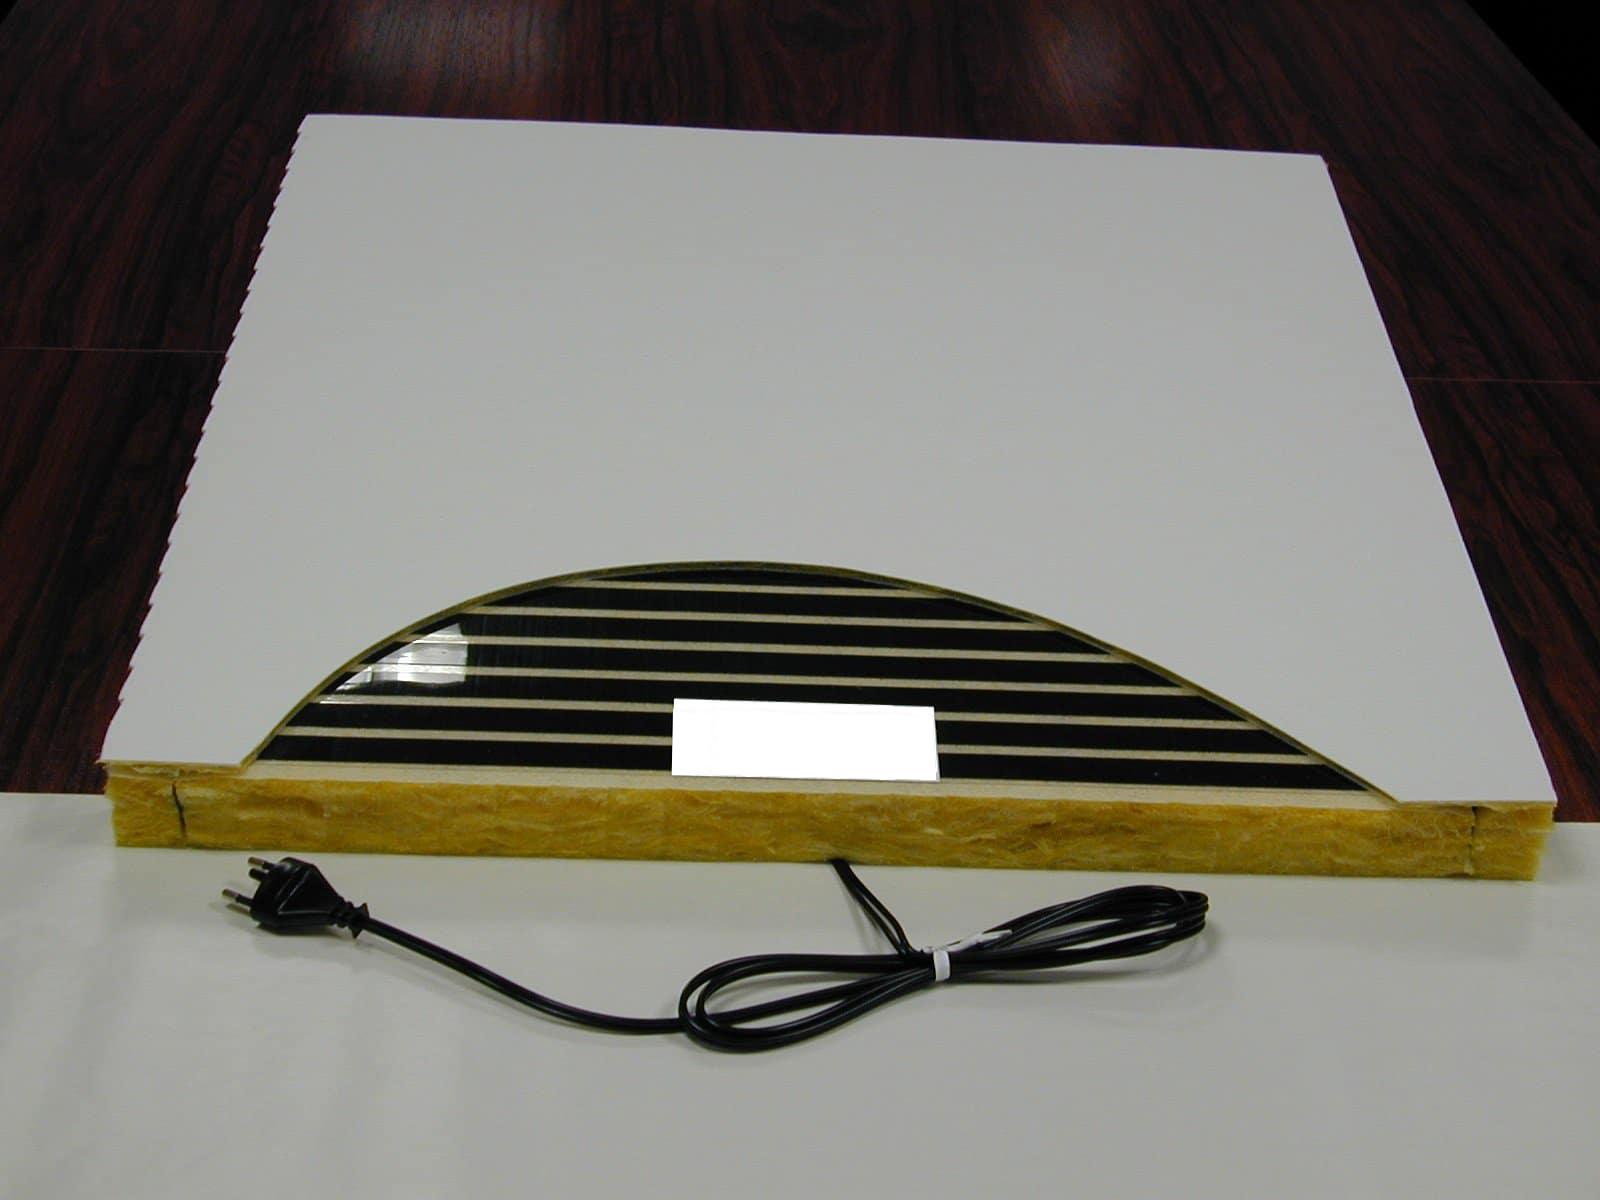 Modules acoustic de la société Technolim à Limoges, spécialiste en chaleur rayonnante